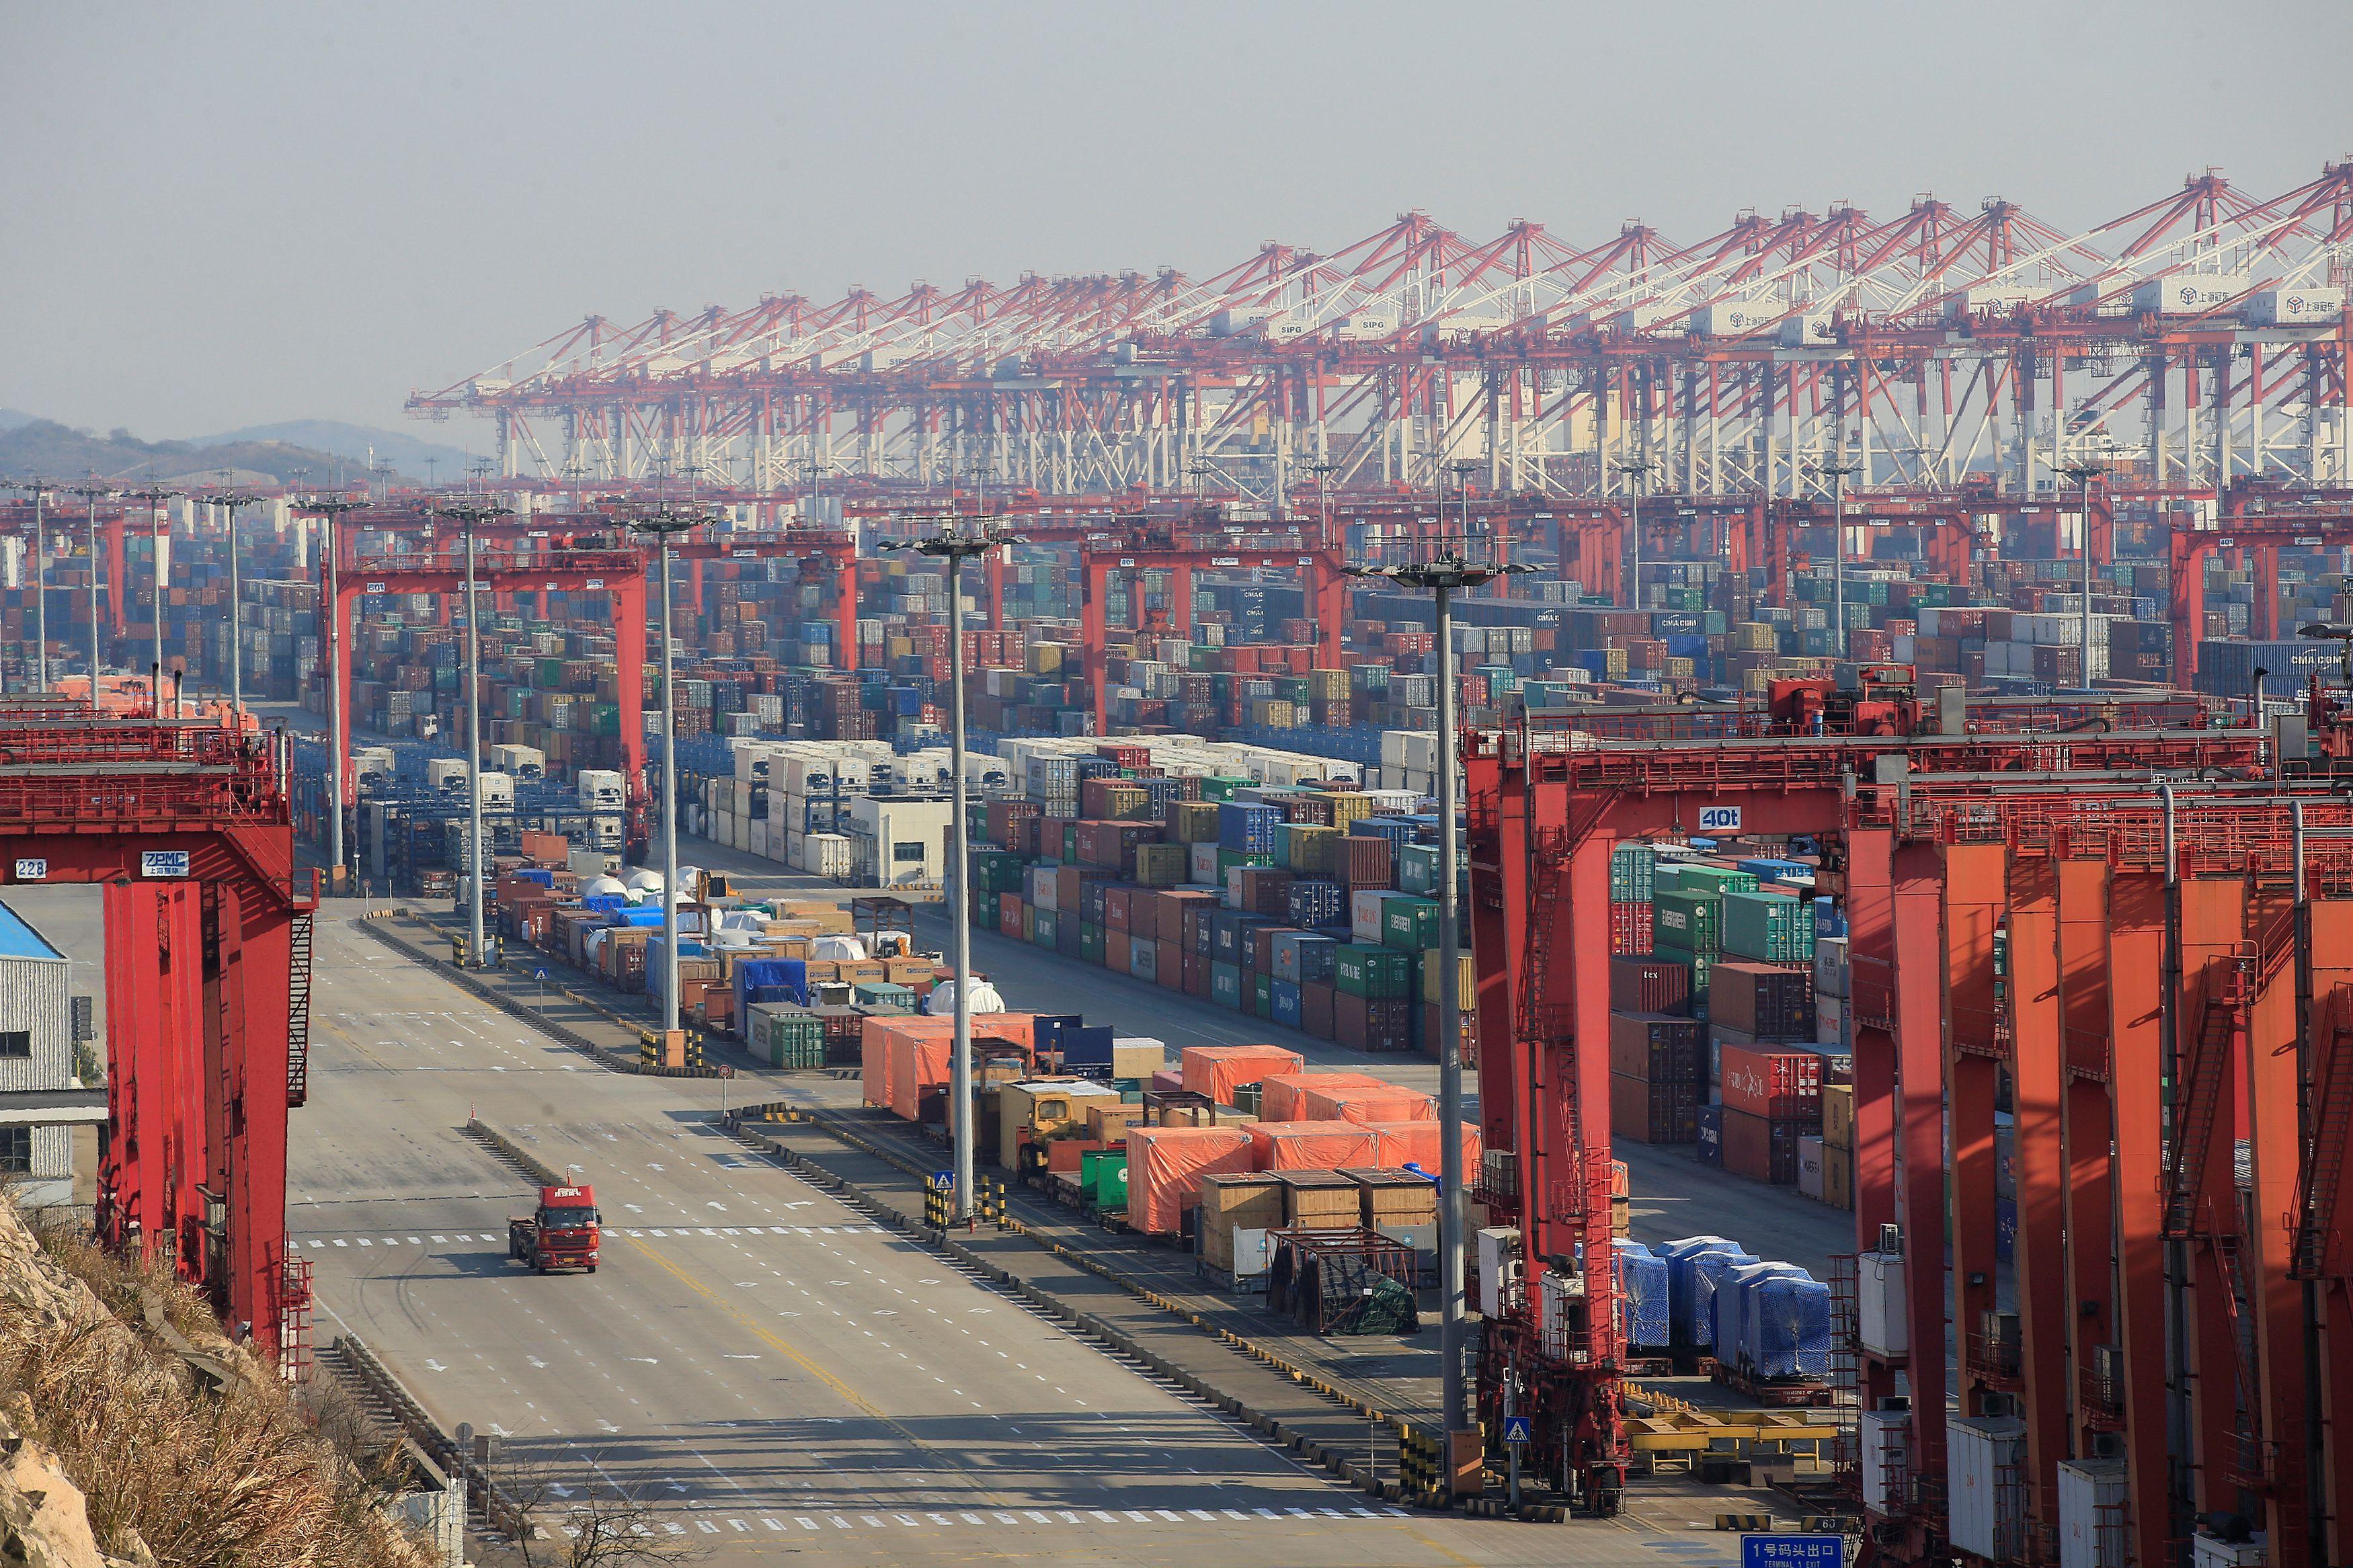 L'accord commercial entre les États-Unis et la Chine réduit les tarifs douaniers pour la promesse de Pékin d'achats de grandes exploitations agricoles